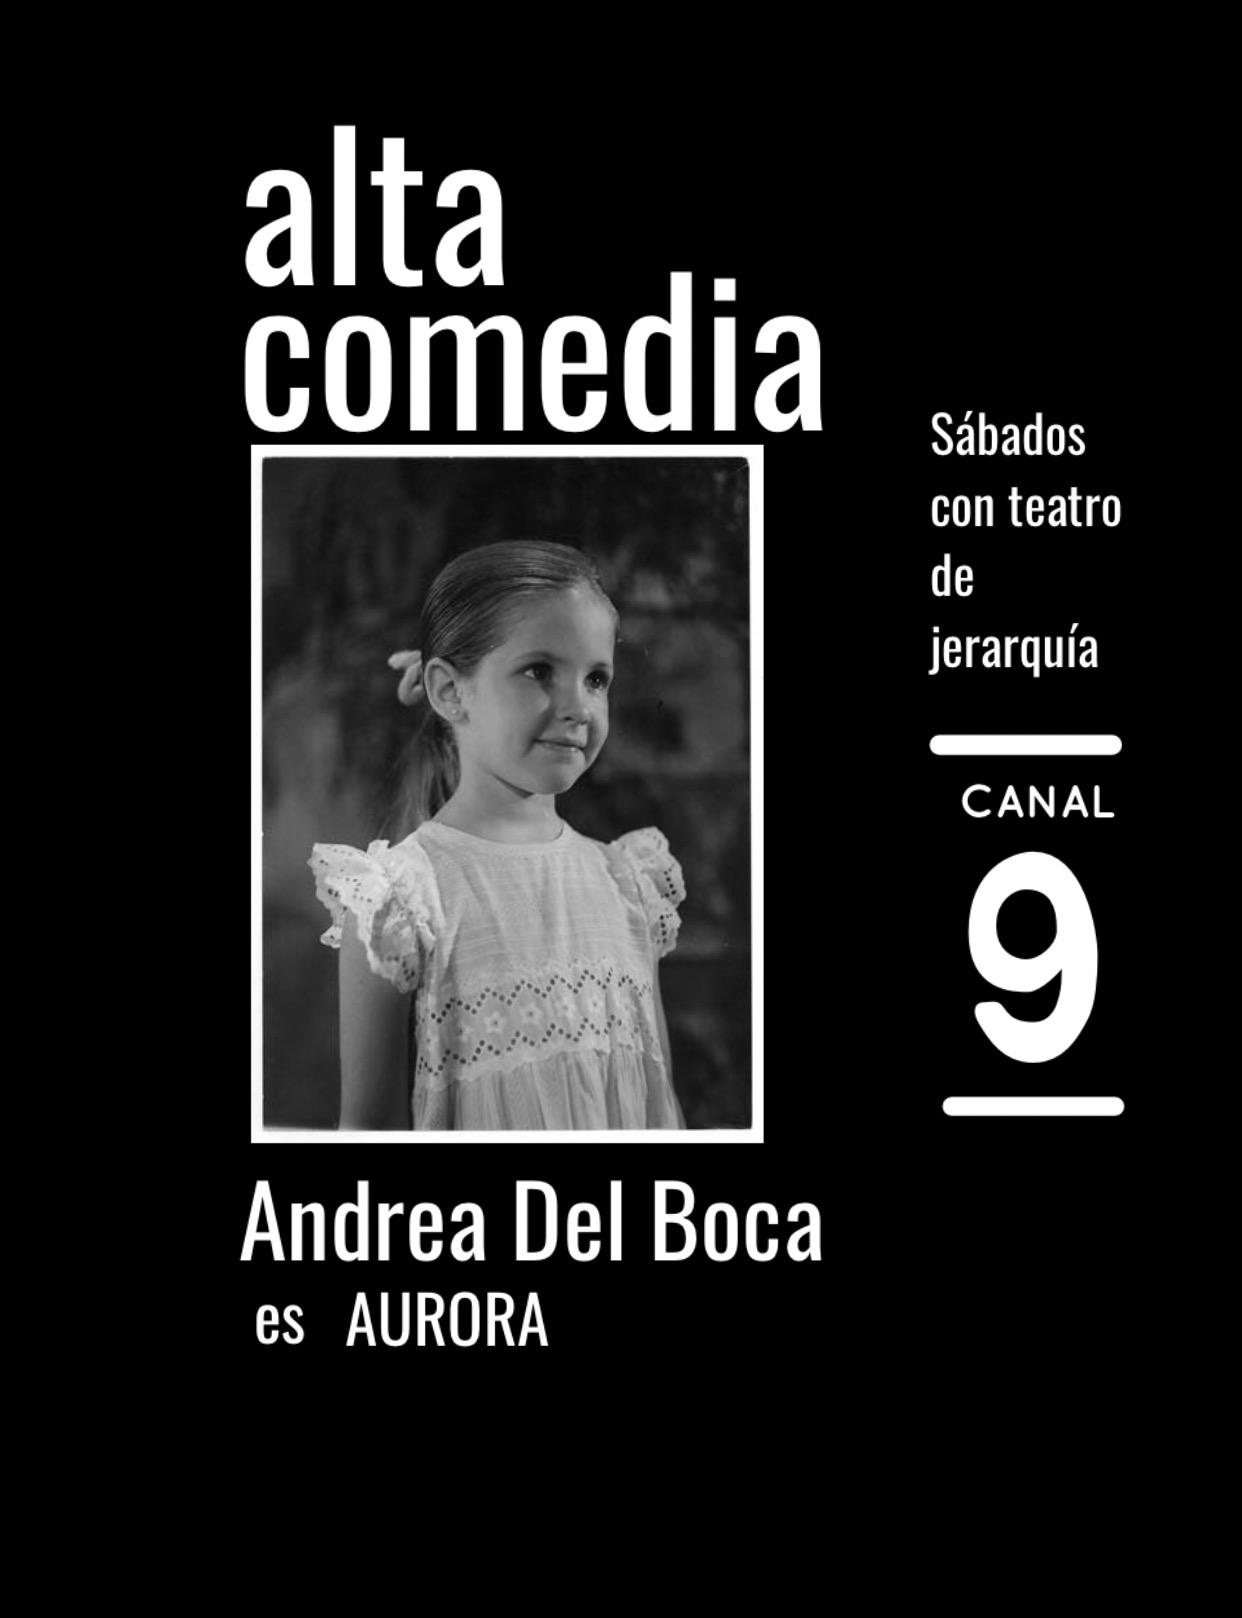 Andrea Del Boca in Alta comedia (1965)